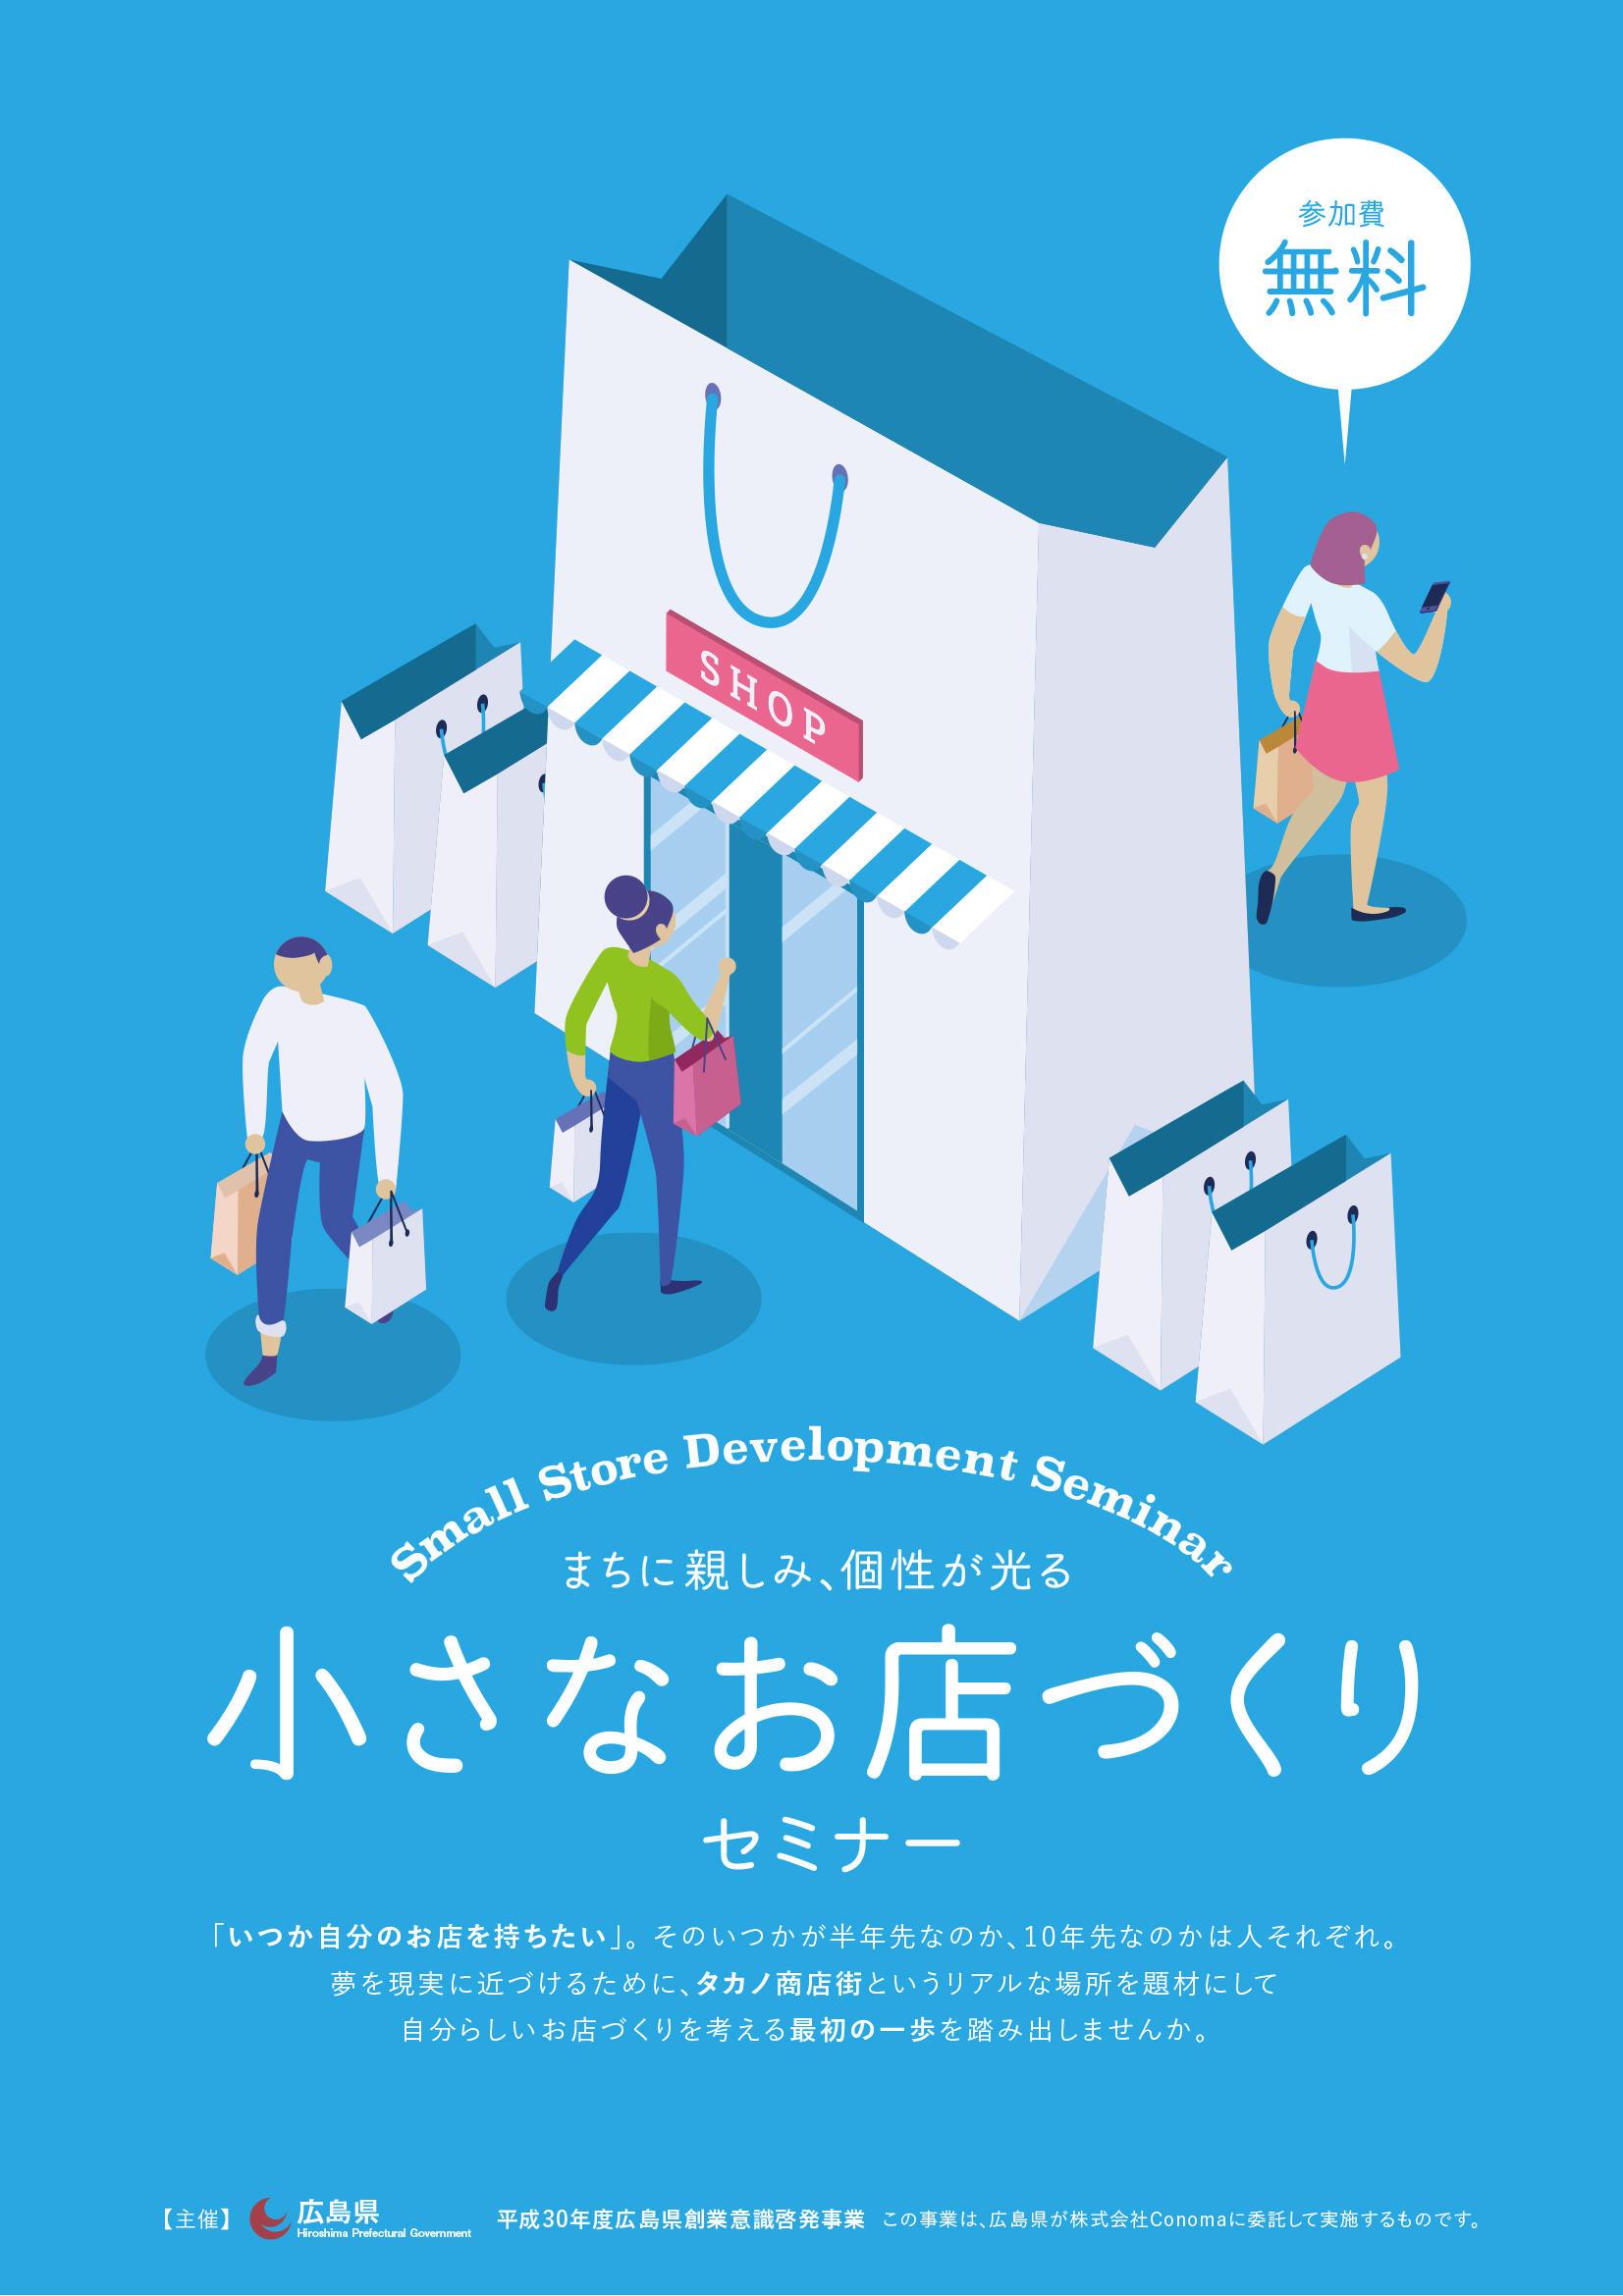 http://coaki.jp/hiroshima/omise_seminar_omote.jpg